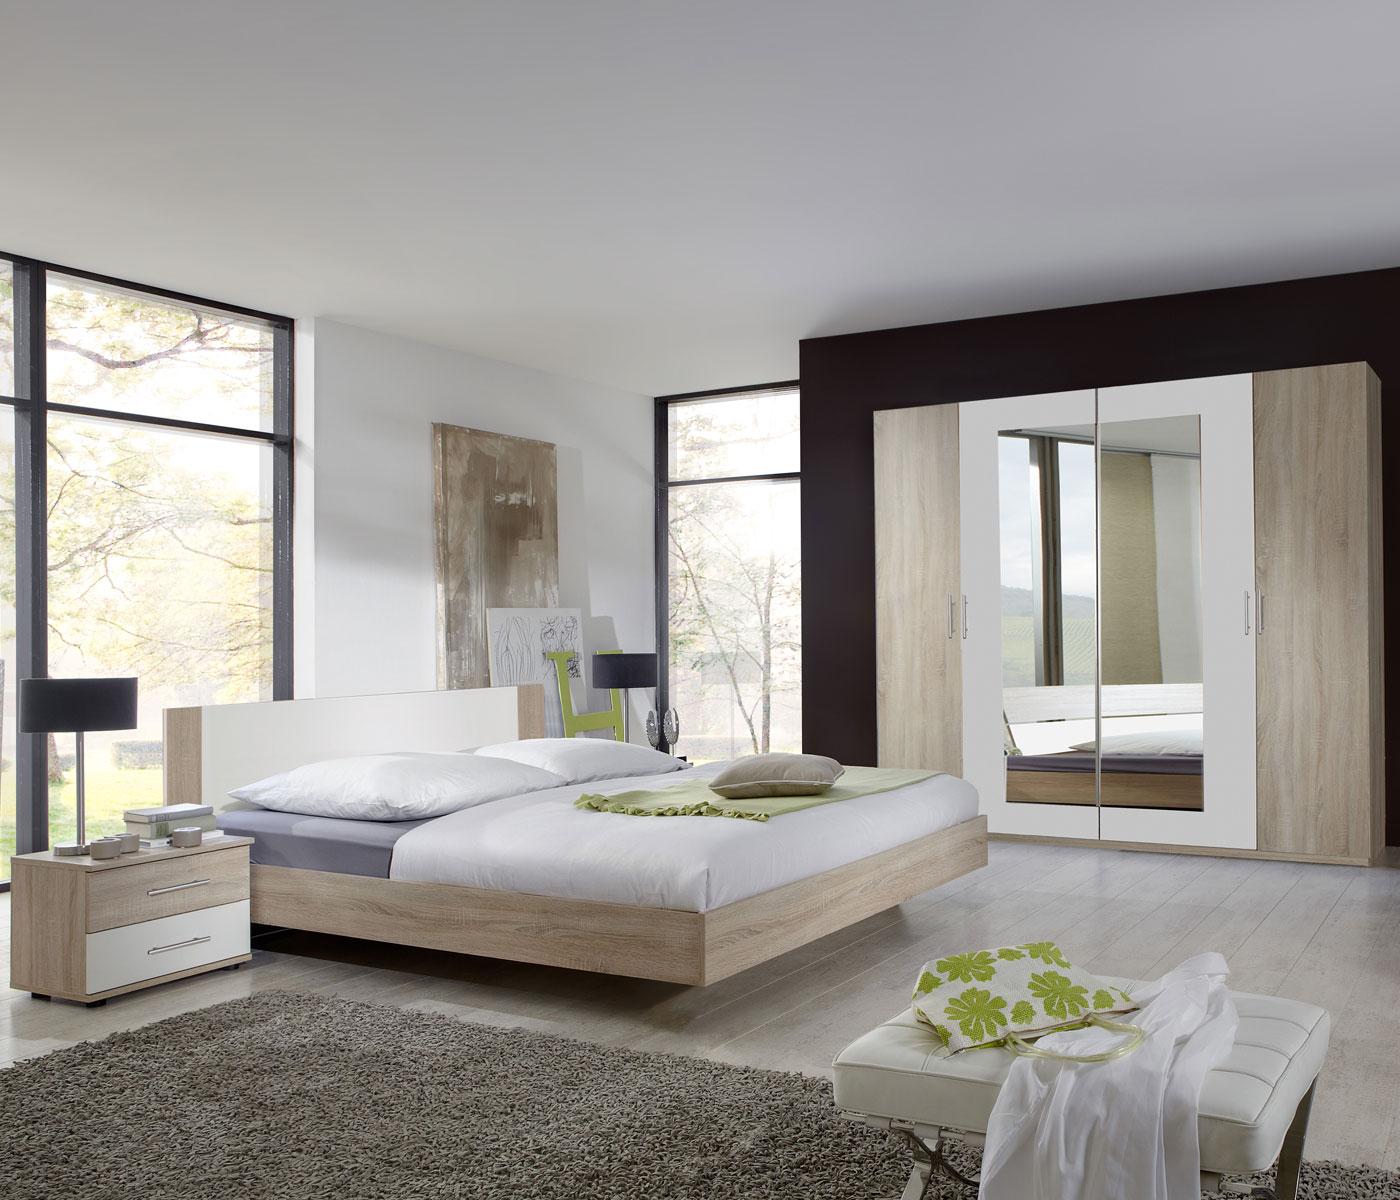 schlafzimmer komplettset kleiderschrank bett 180x200. Black Bedroom Furniture Sets. Home Design Ideas